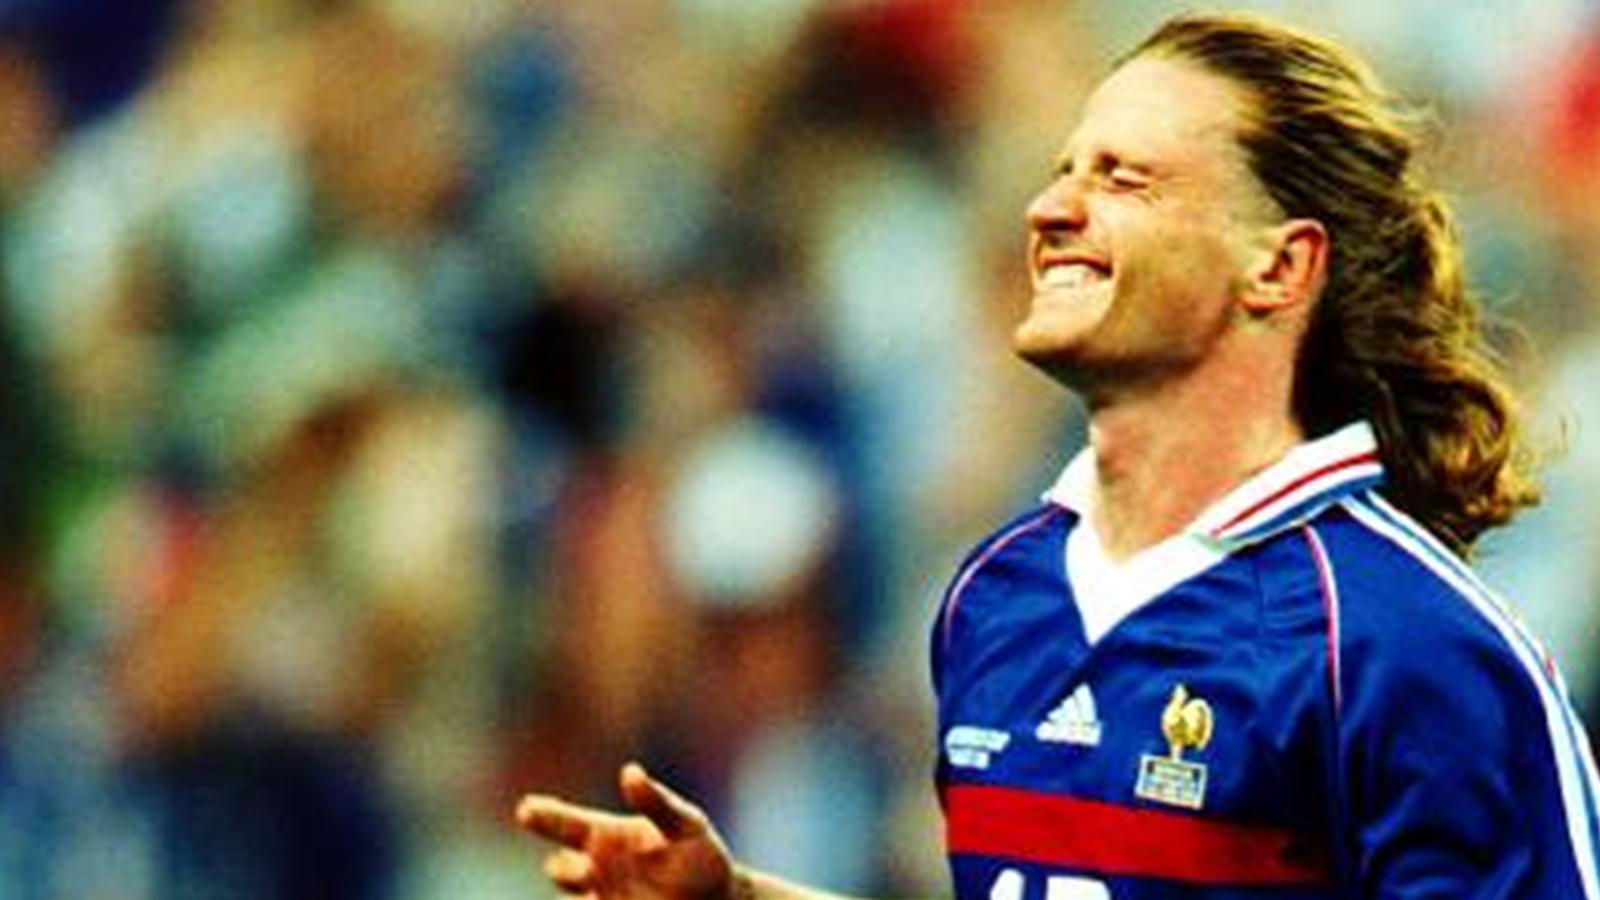 Coupe du monde equipe de france qui sera le chimbonda de 2014 coupe du monde 2014 - Emmanuel petit coupe du monde 1998 ...